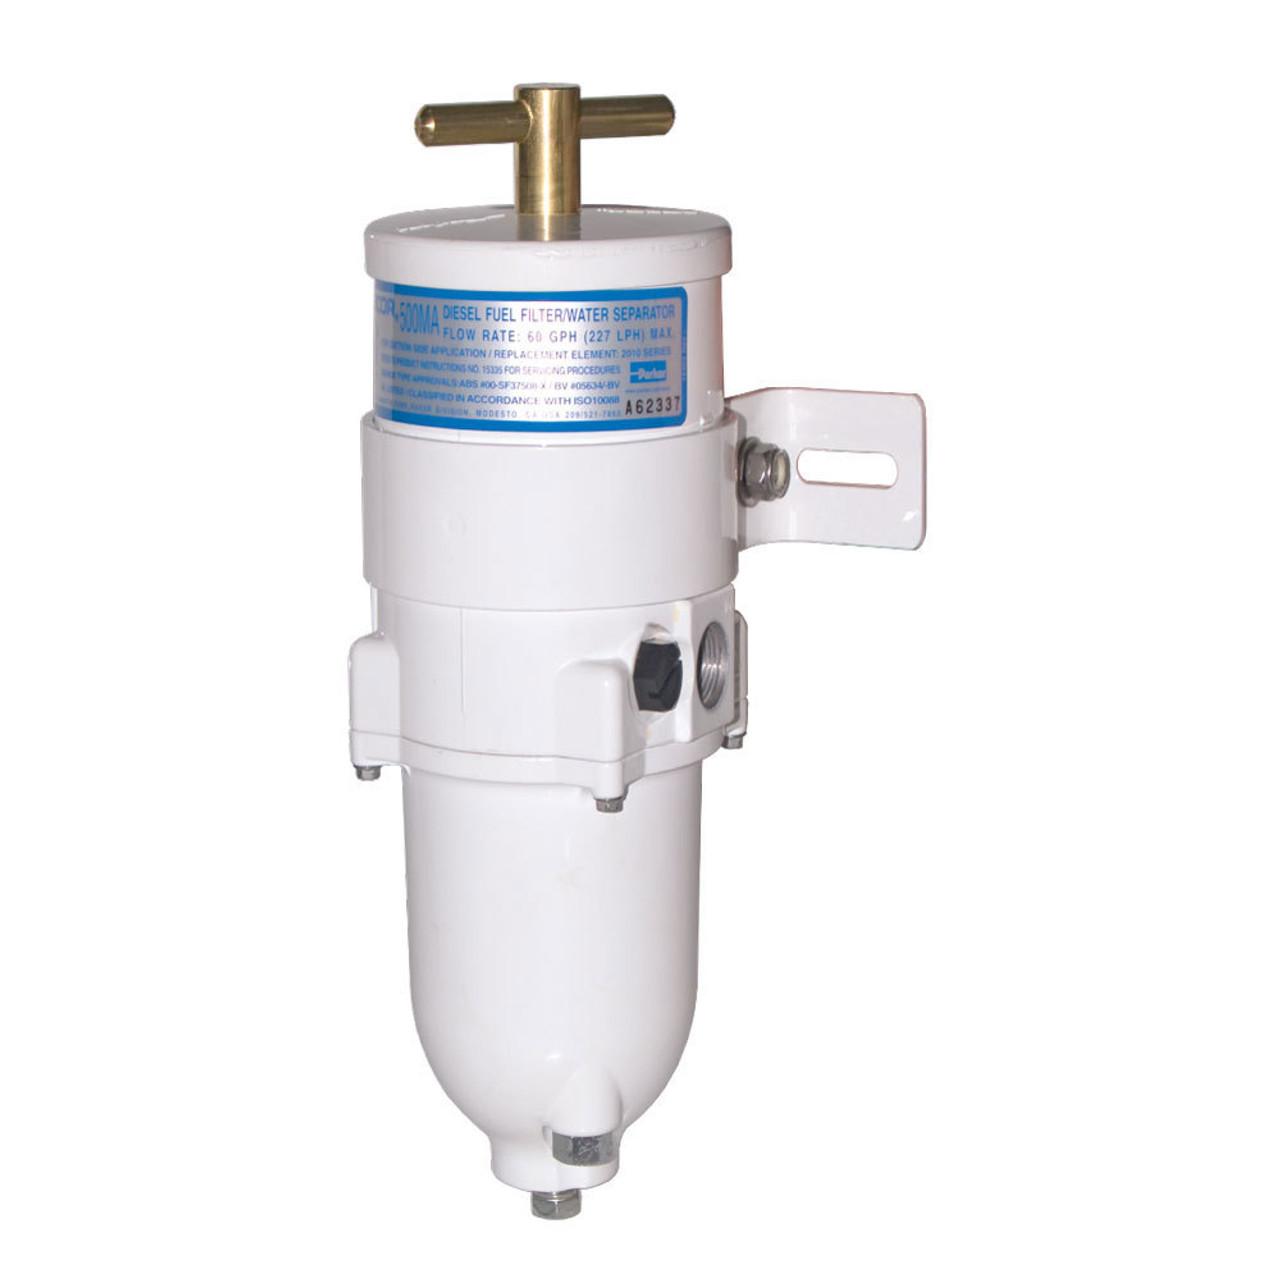 Racor 500MA Marine Turbine Series 60 GPH Fuel Filters w/ Full Metal Bowl -  10 Micron - 6 Qty